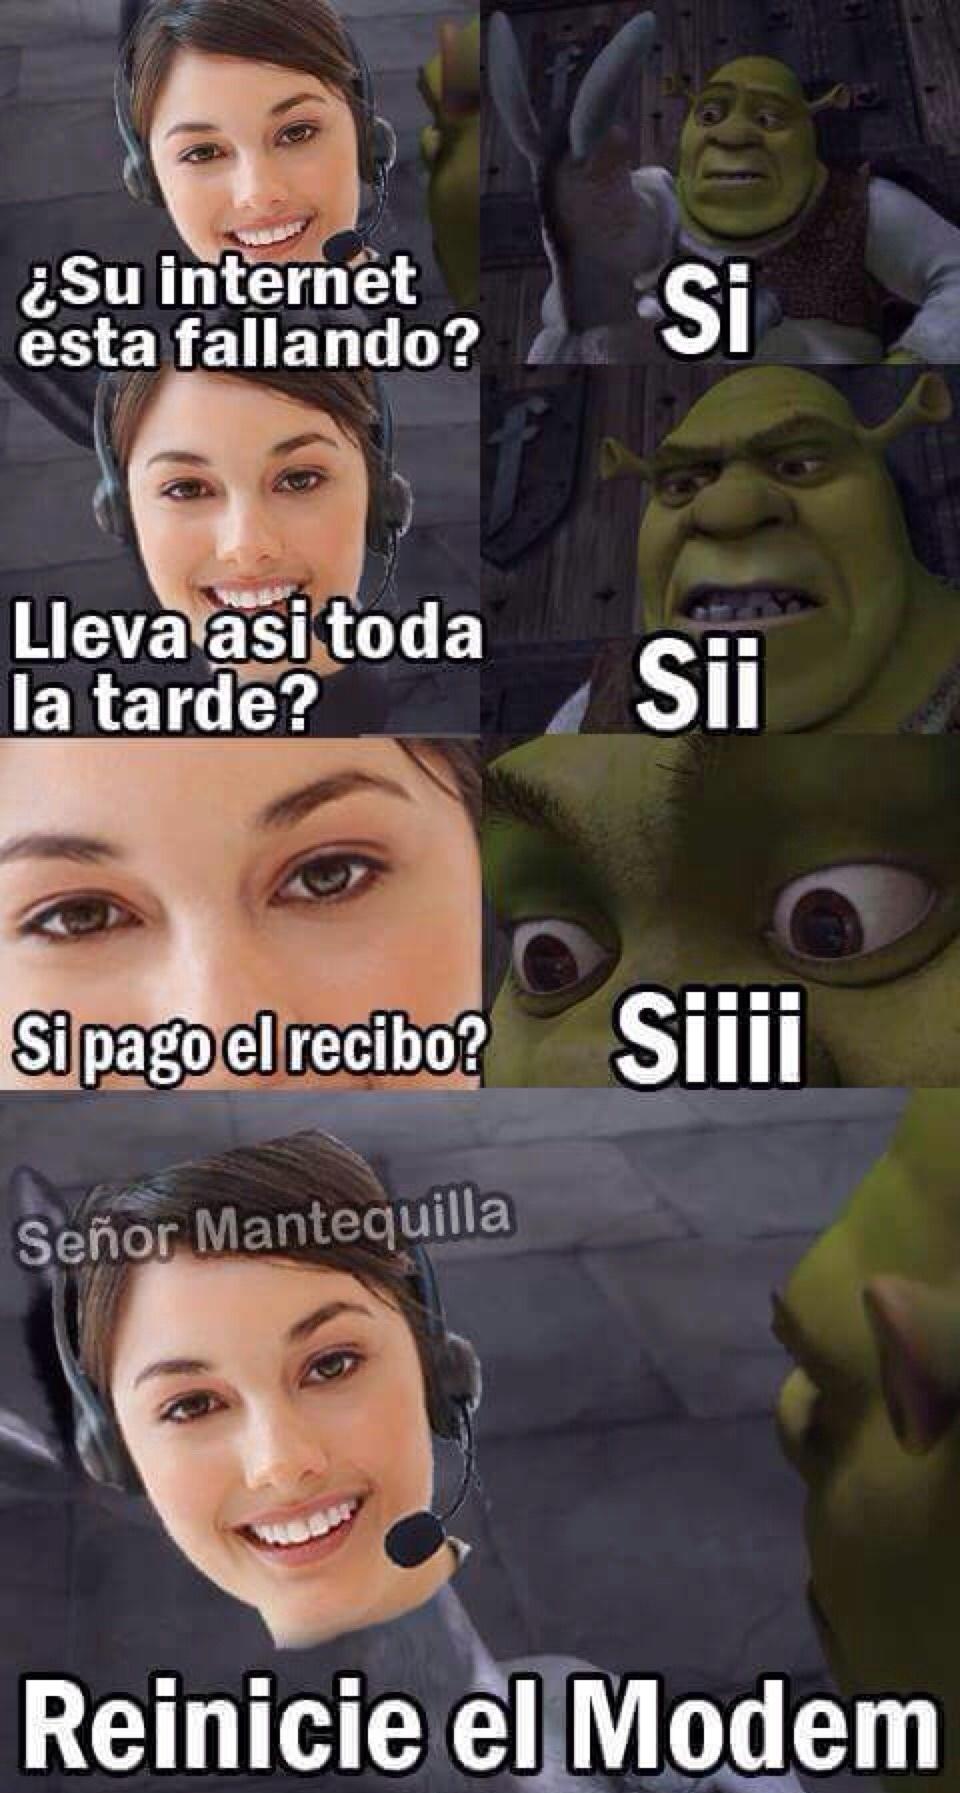 el wify - meme